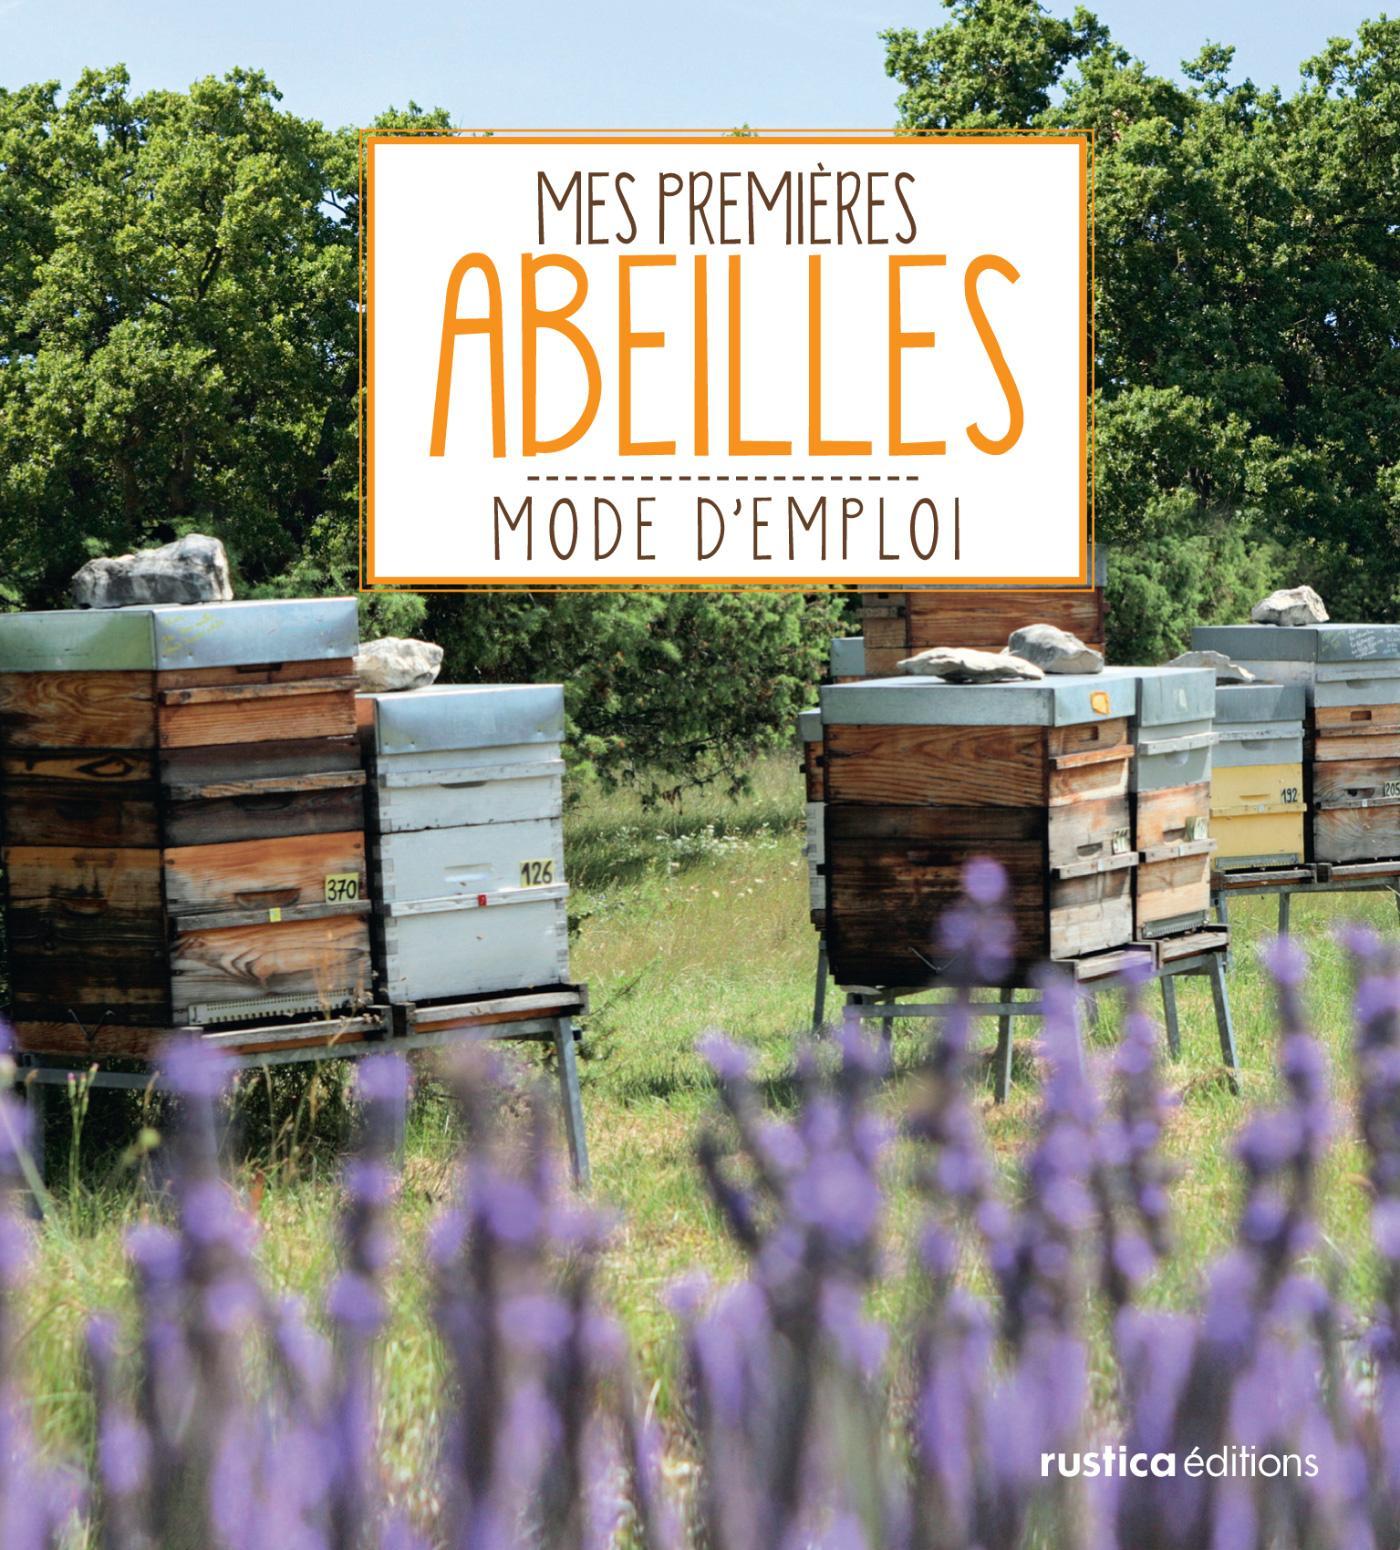 Mes premières abeilles, MODE D'EMPLOI